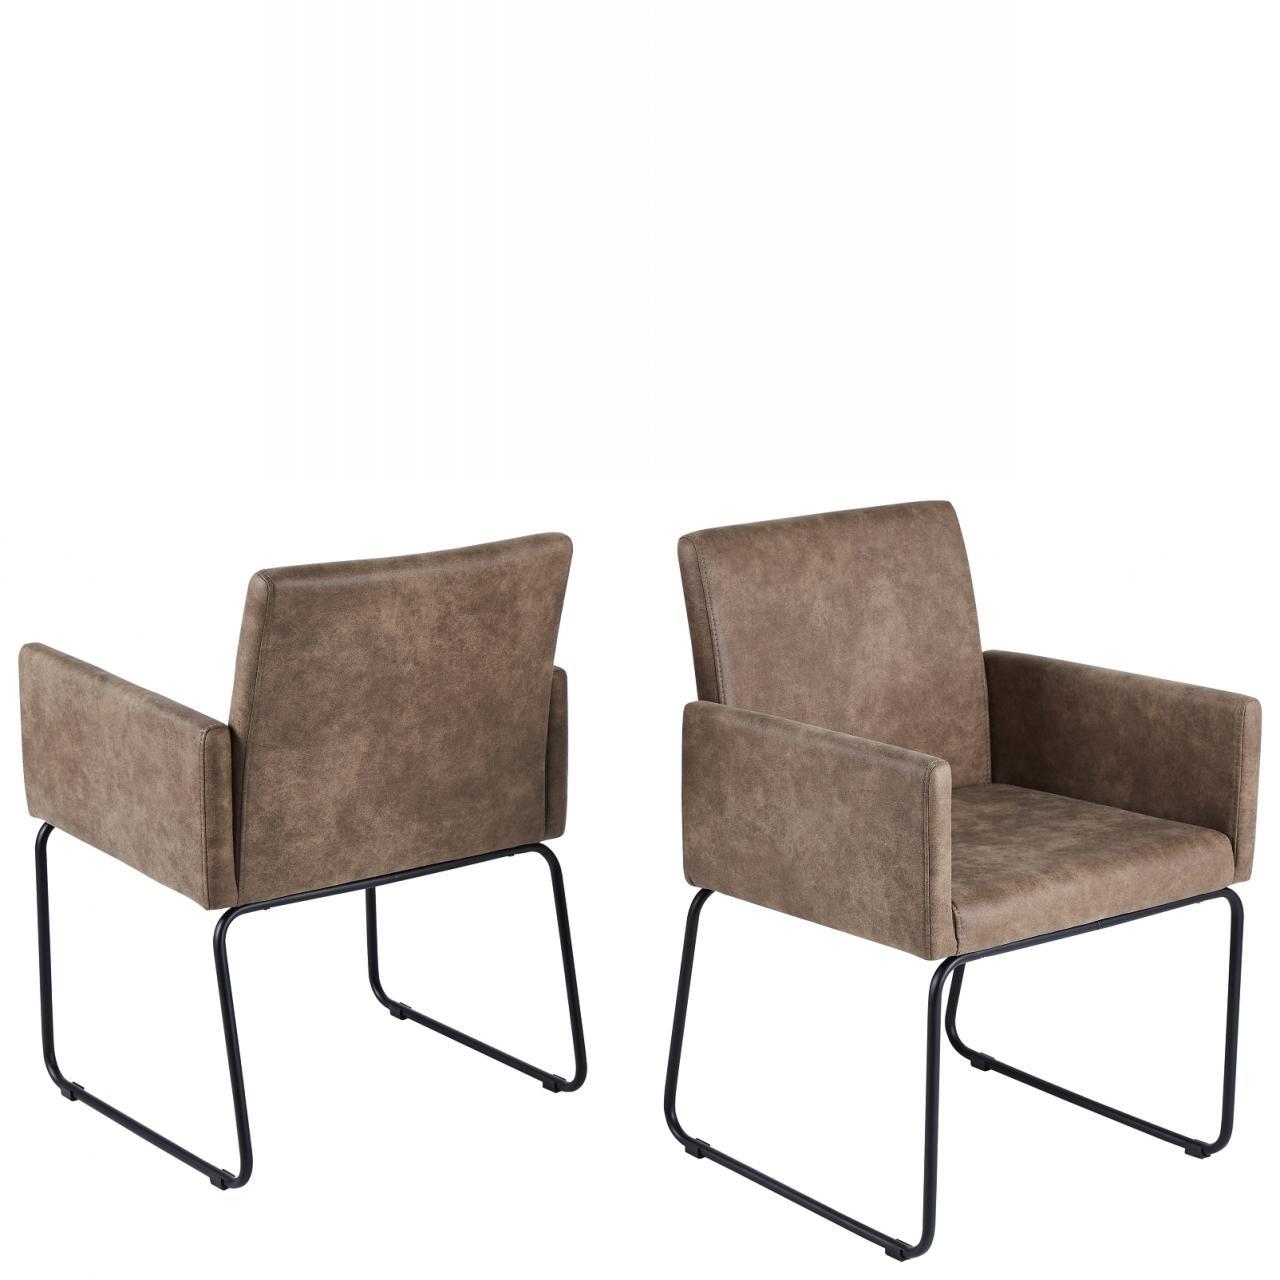 Wunderbar Beige Stühle Das Beste Von Stuhl Nils In